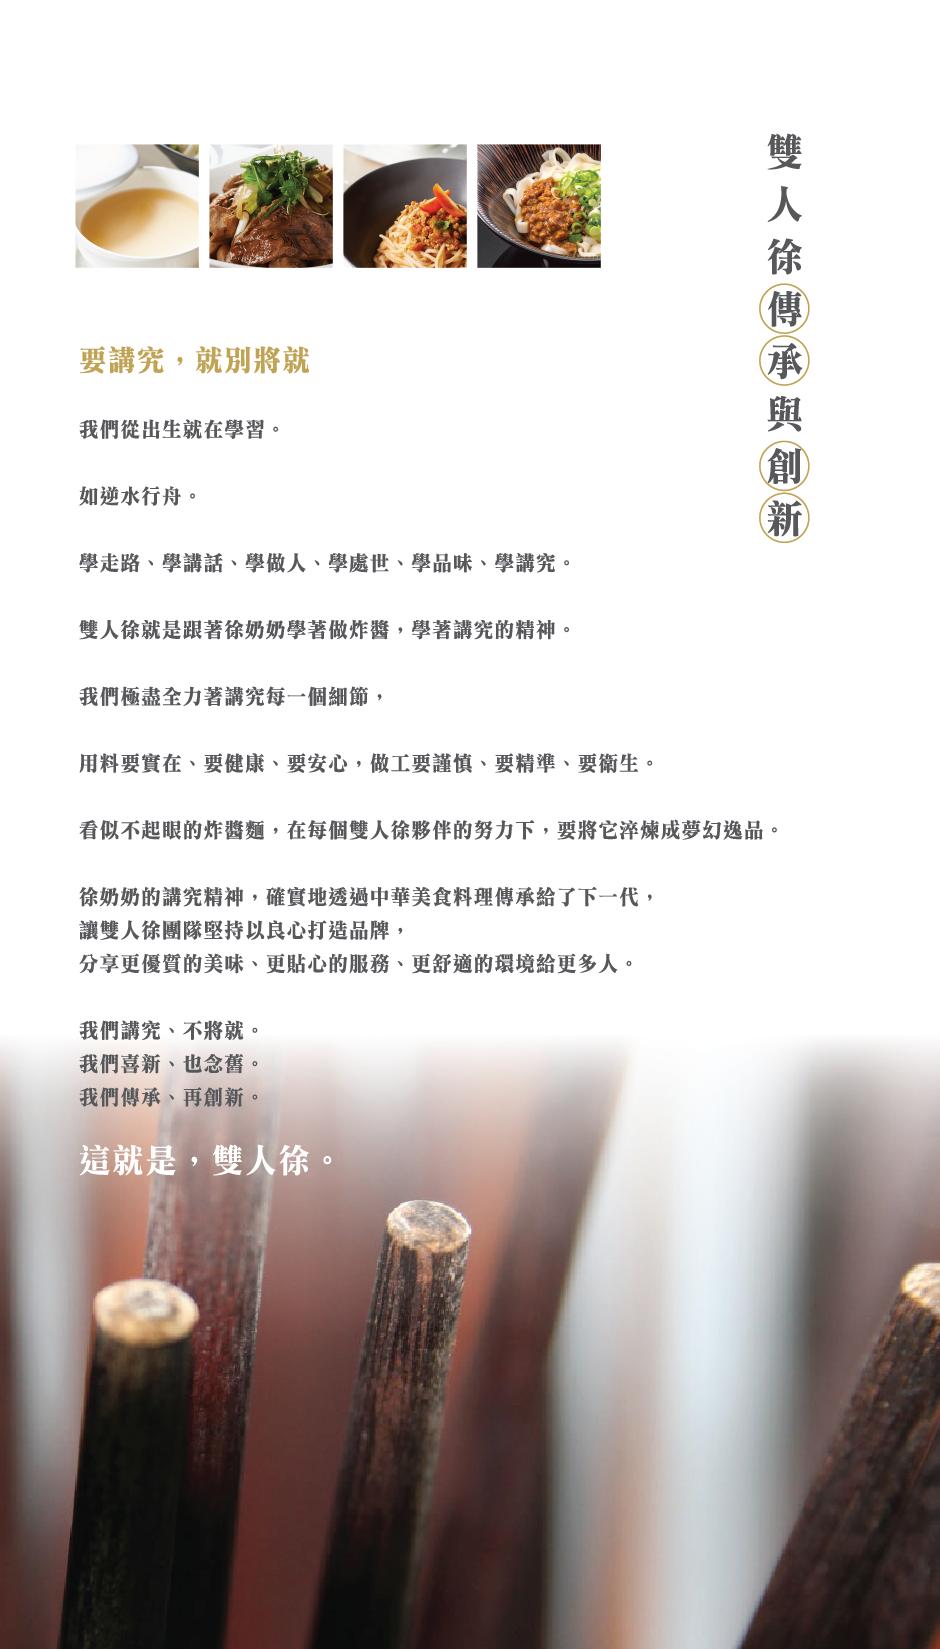 new menu_H_OL-04.png